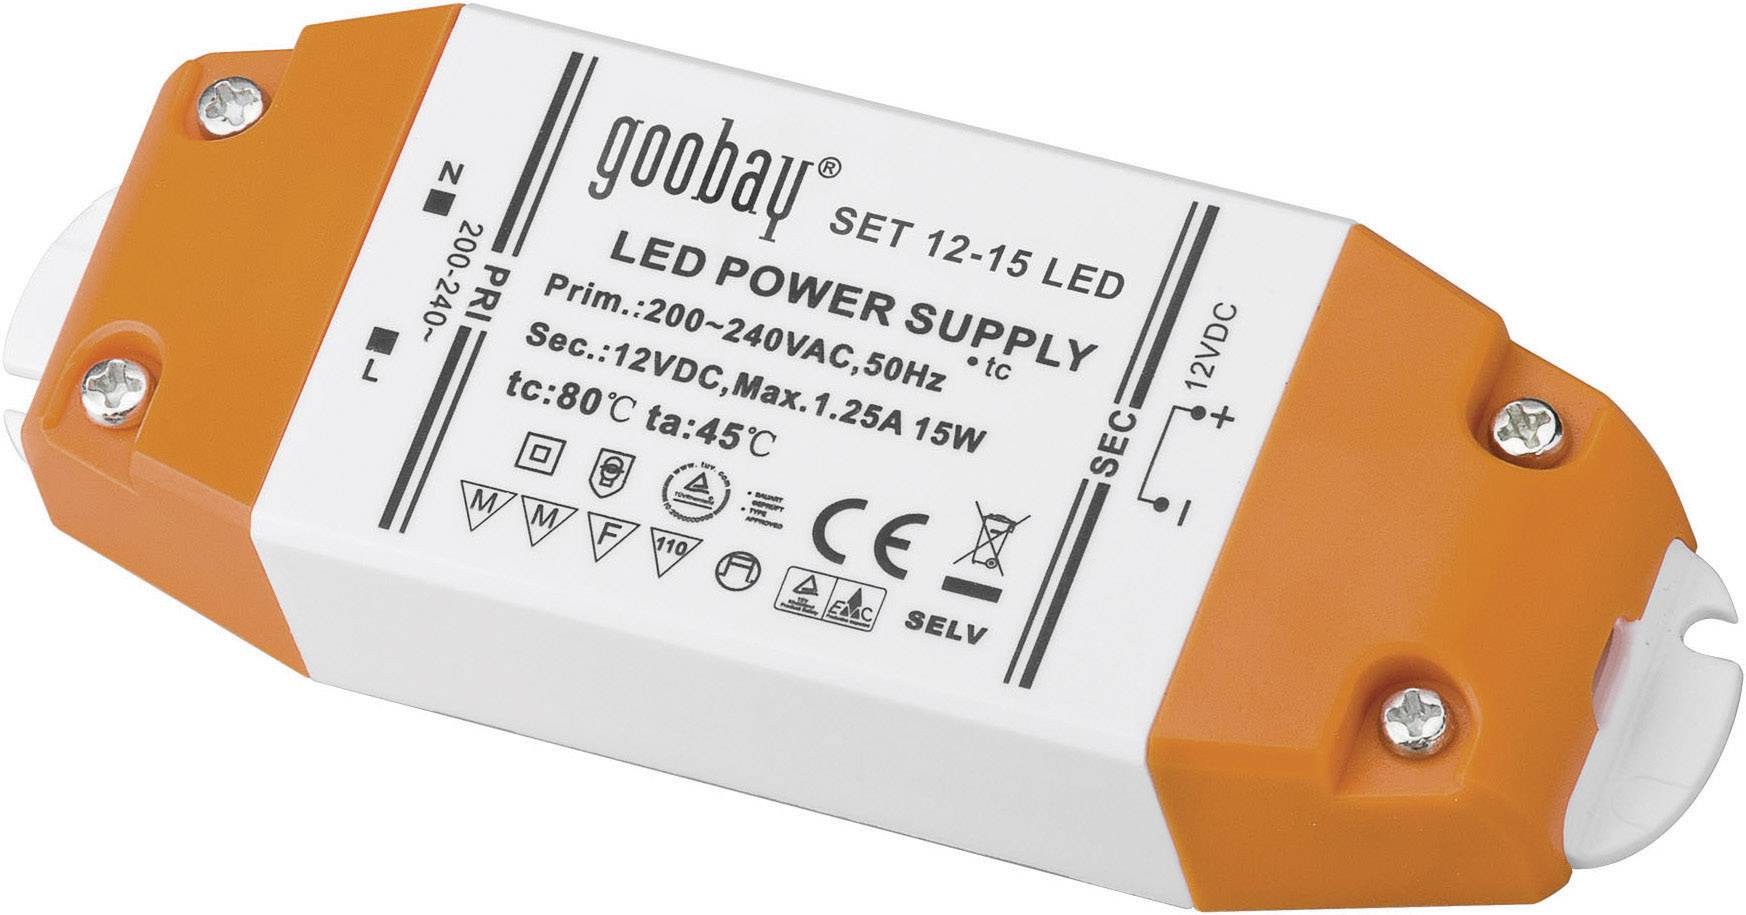 Napájací zdroj pre LED Goobay SET 12-15 LED, 15 W (max), 1.25 A, 12 V/DC